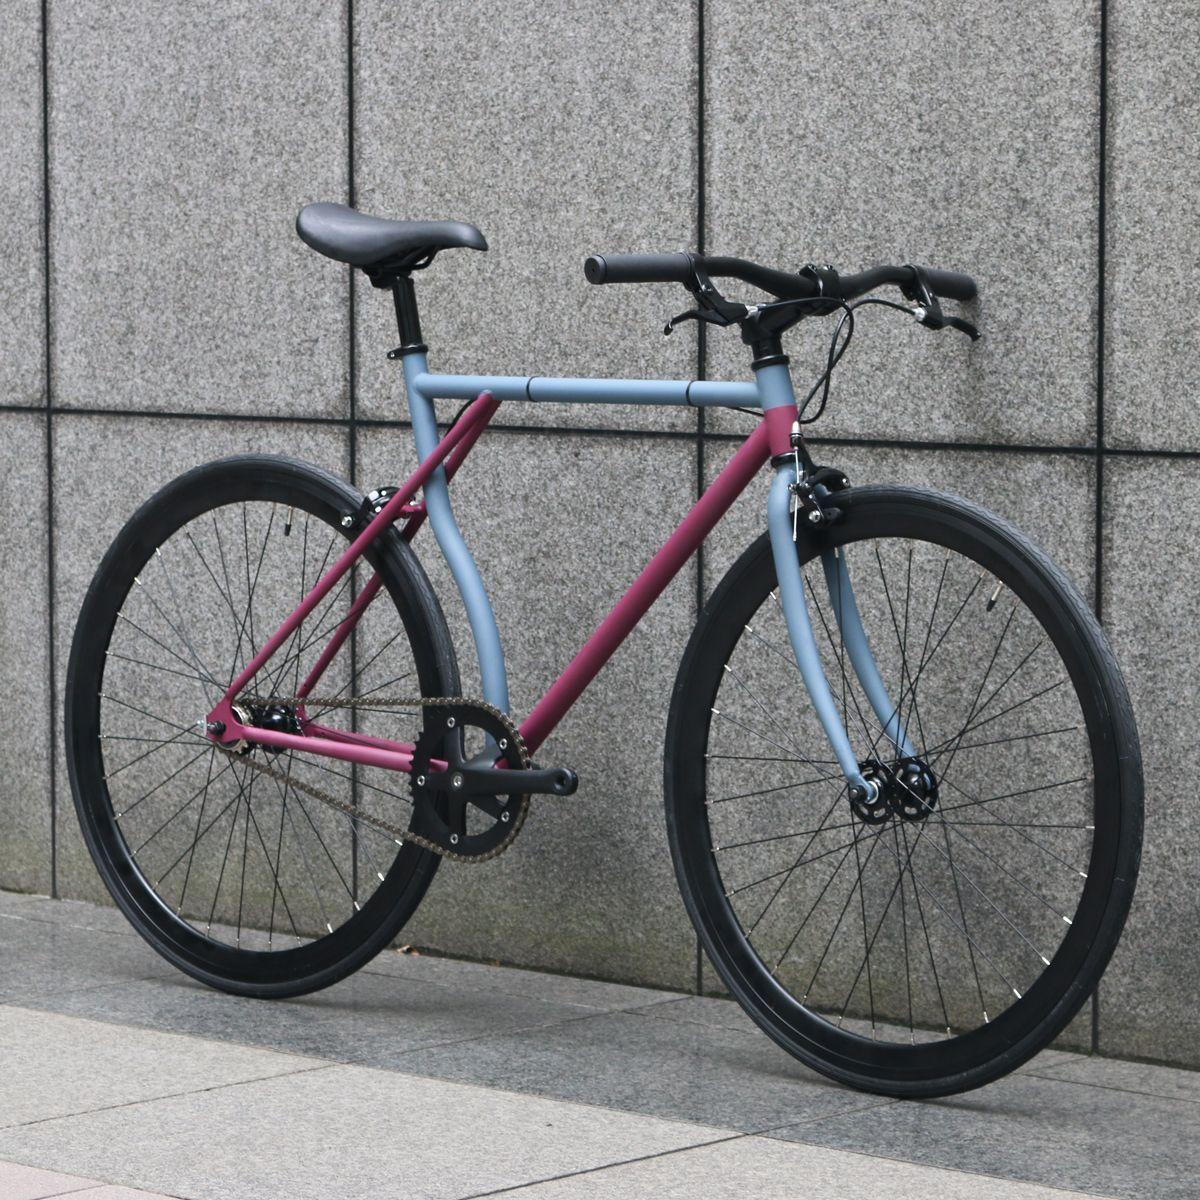 ピストバイク 完成車 CARTELBIKES×Hombre Niño HOMBREMENTARY MAT PURPLE x MAT GREY カーテルバイクス×オンブレニーニョ オンブレメンタリー マットパープル マットグレイ PISTBIKE